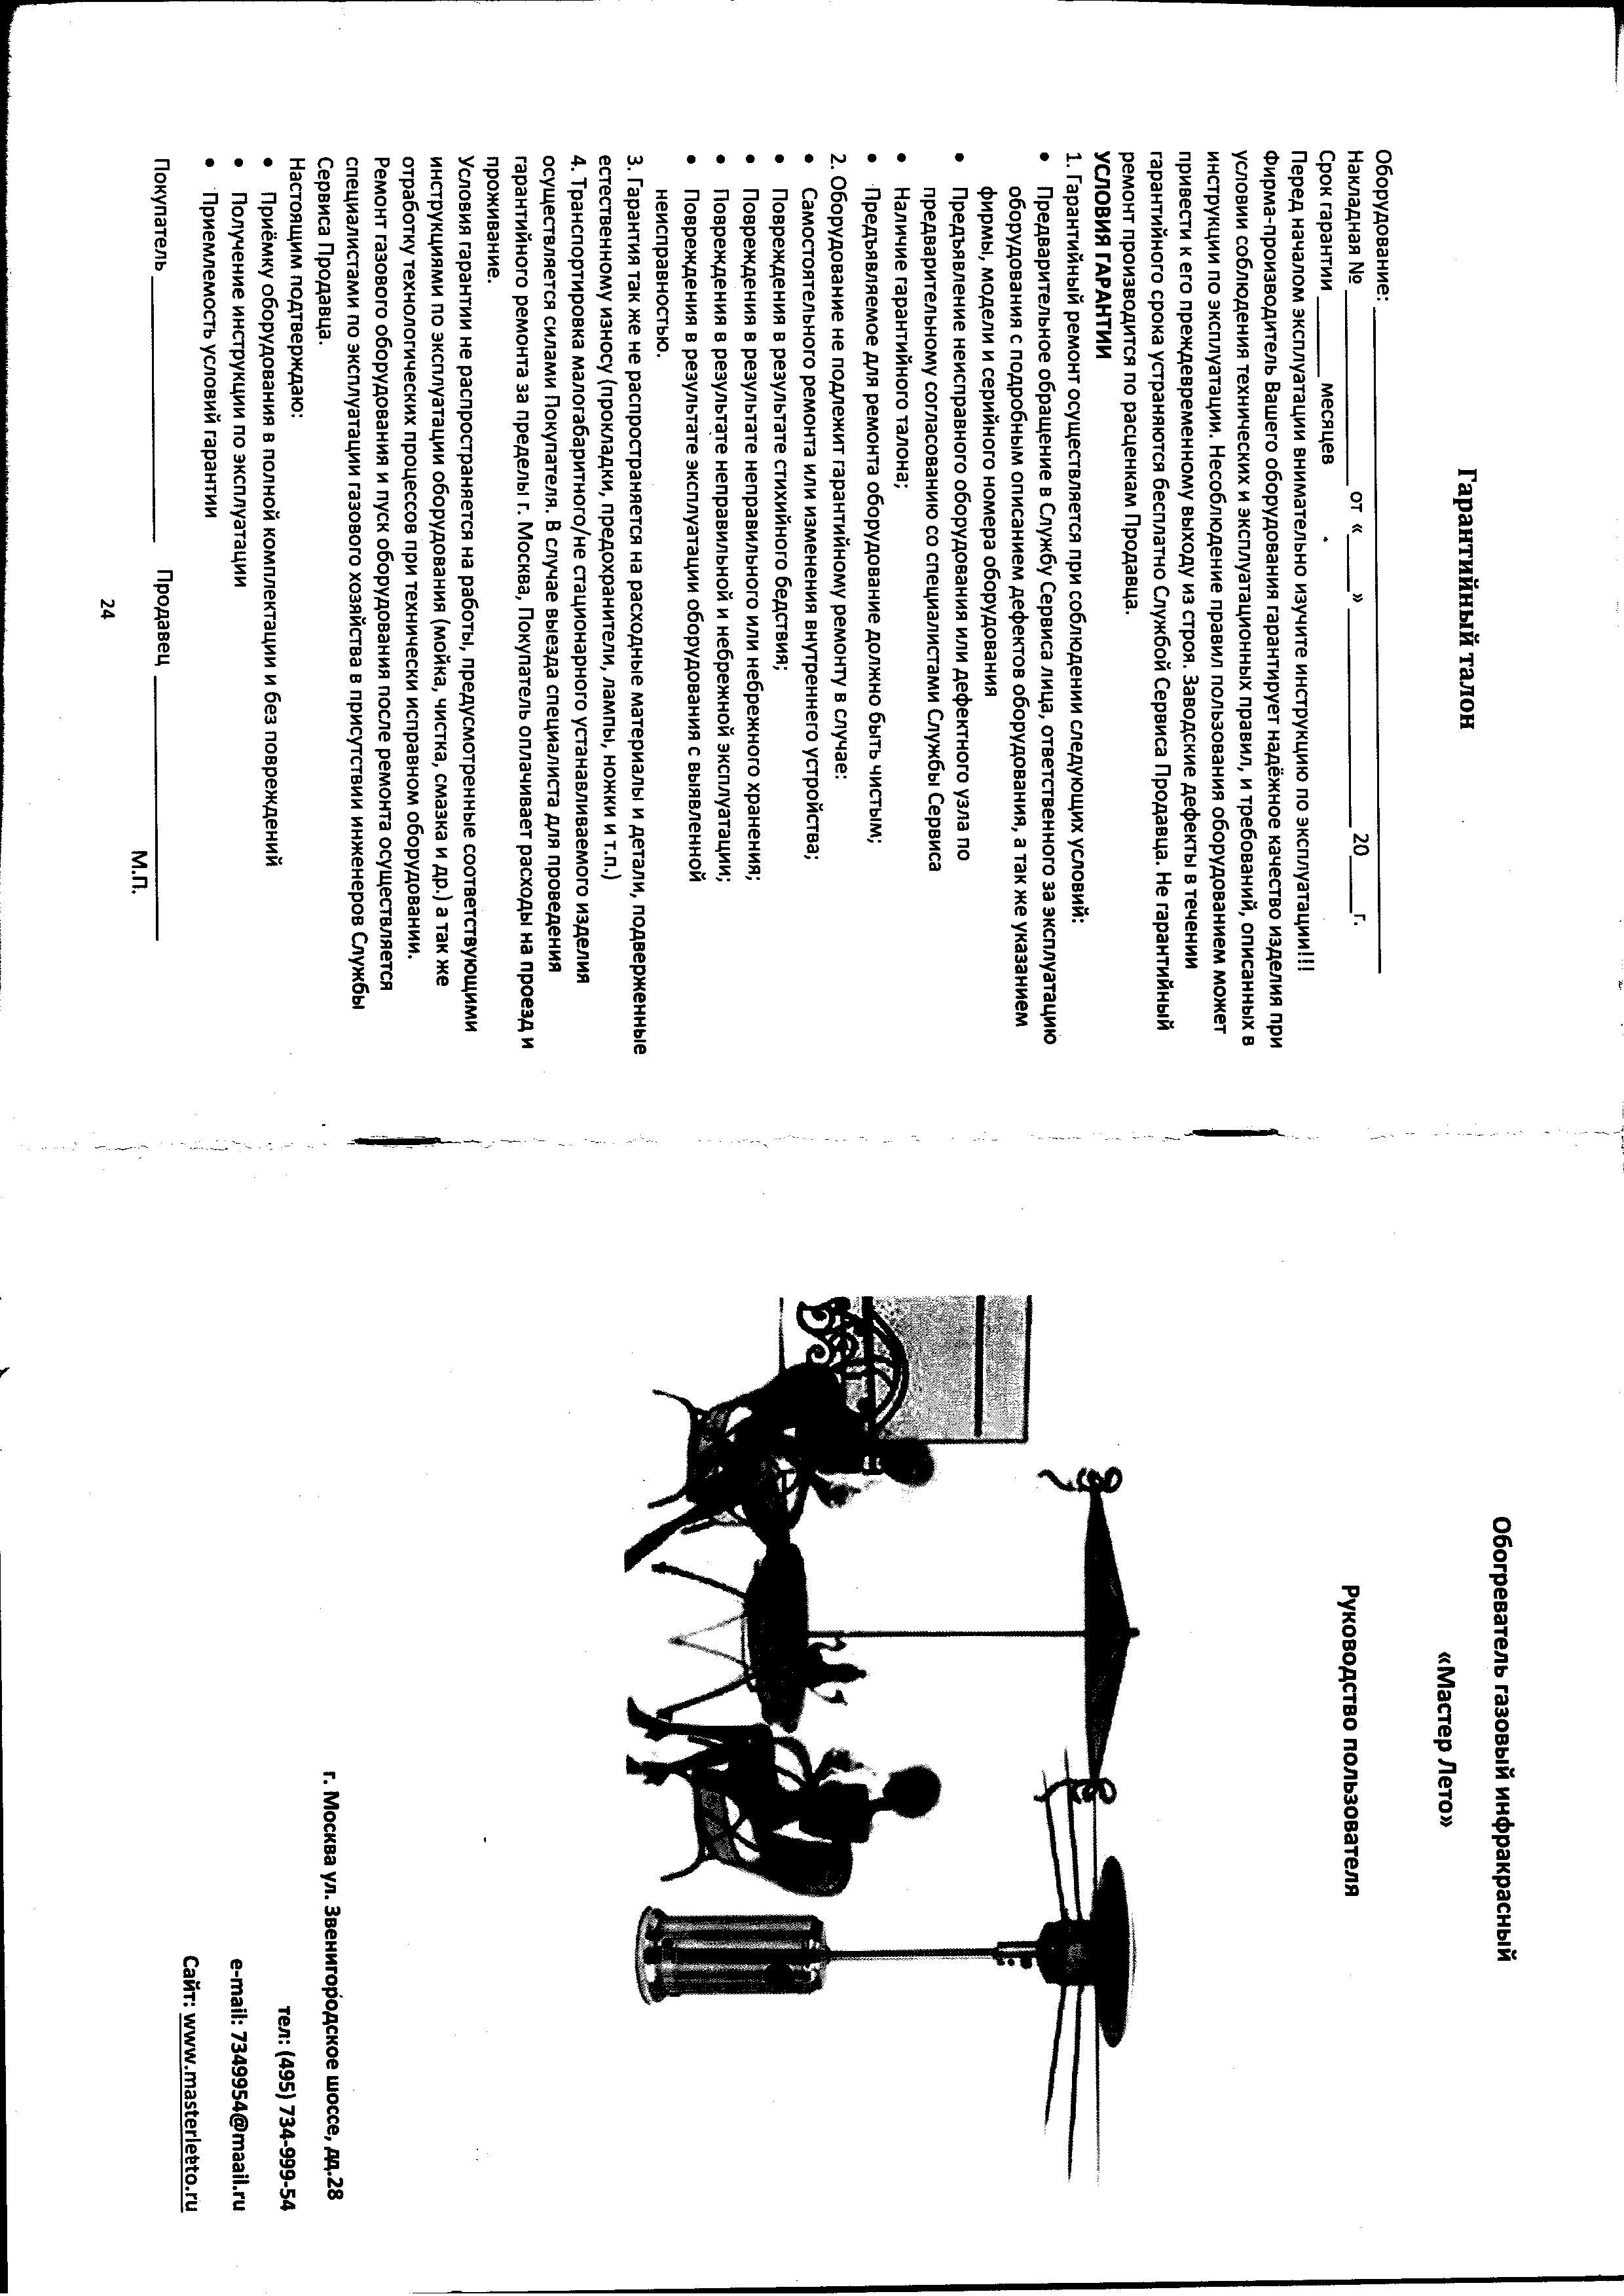 Инструкция на обогреватели Мастер лето